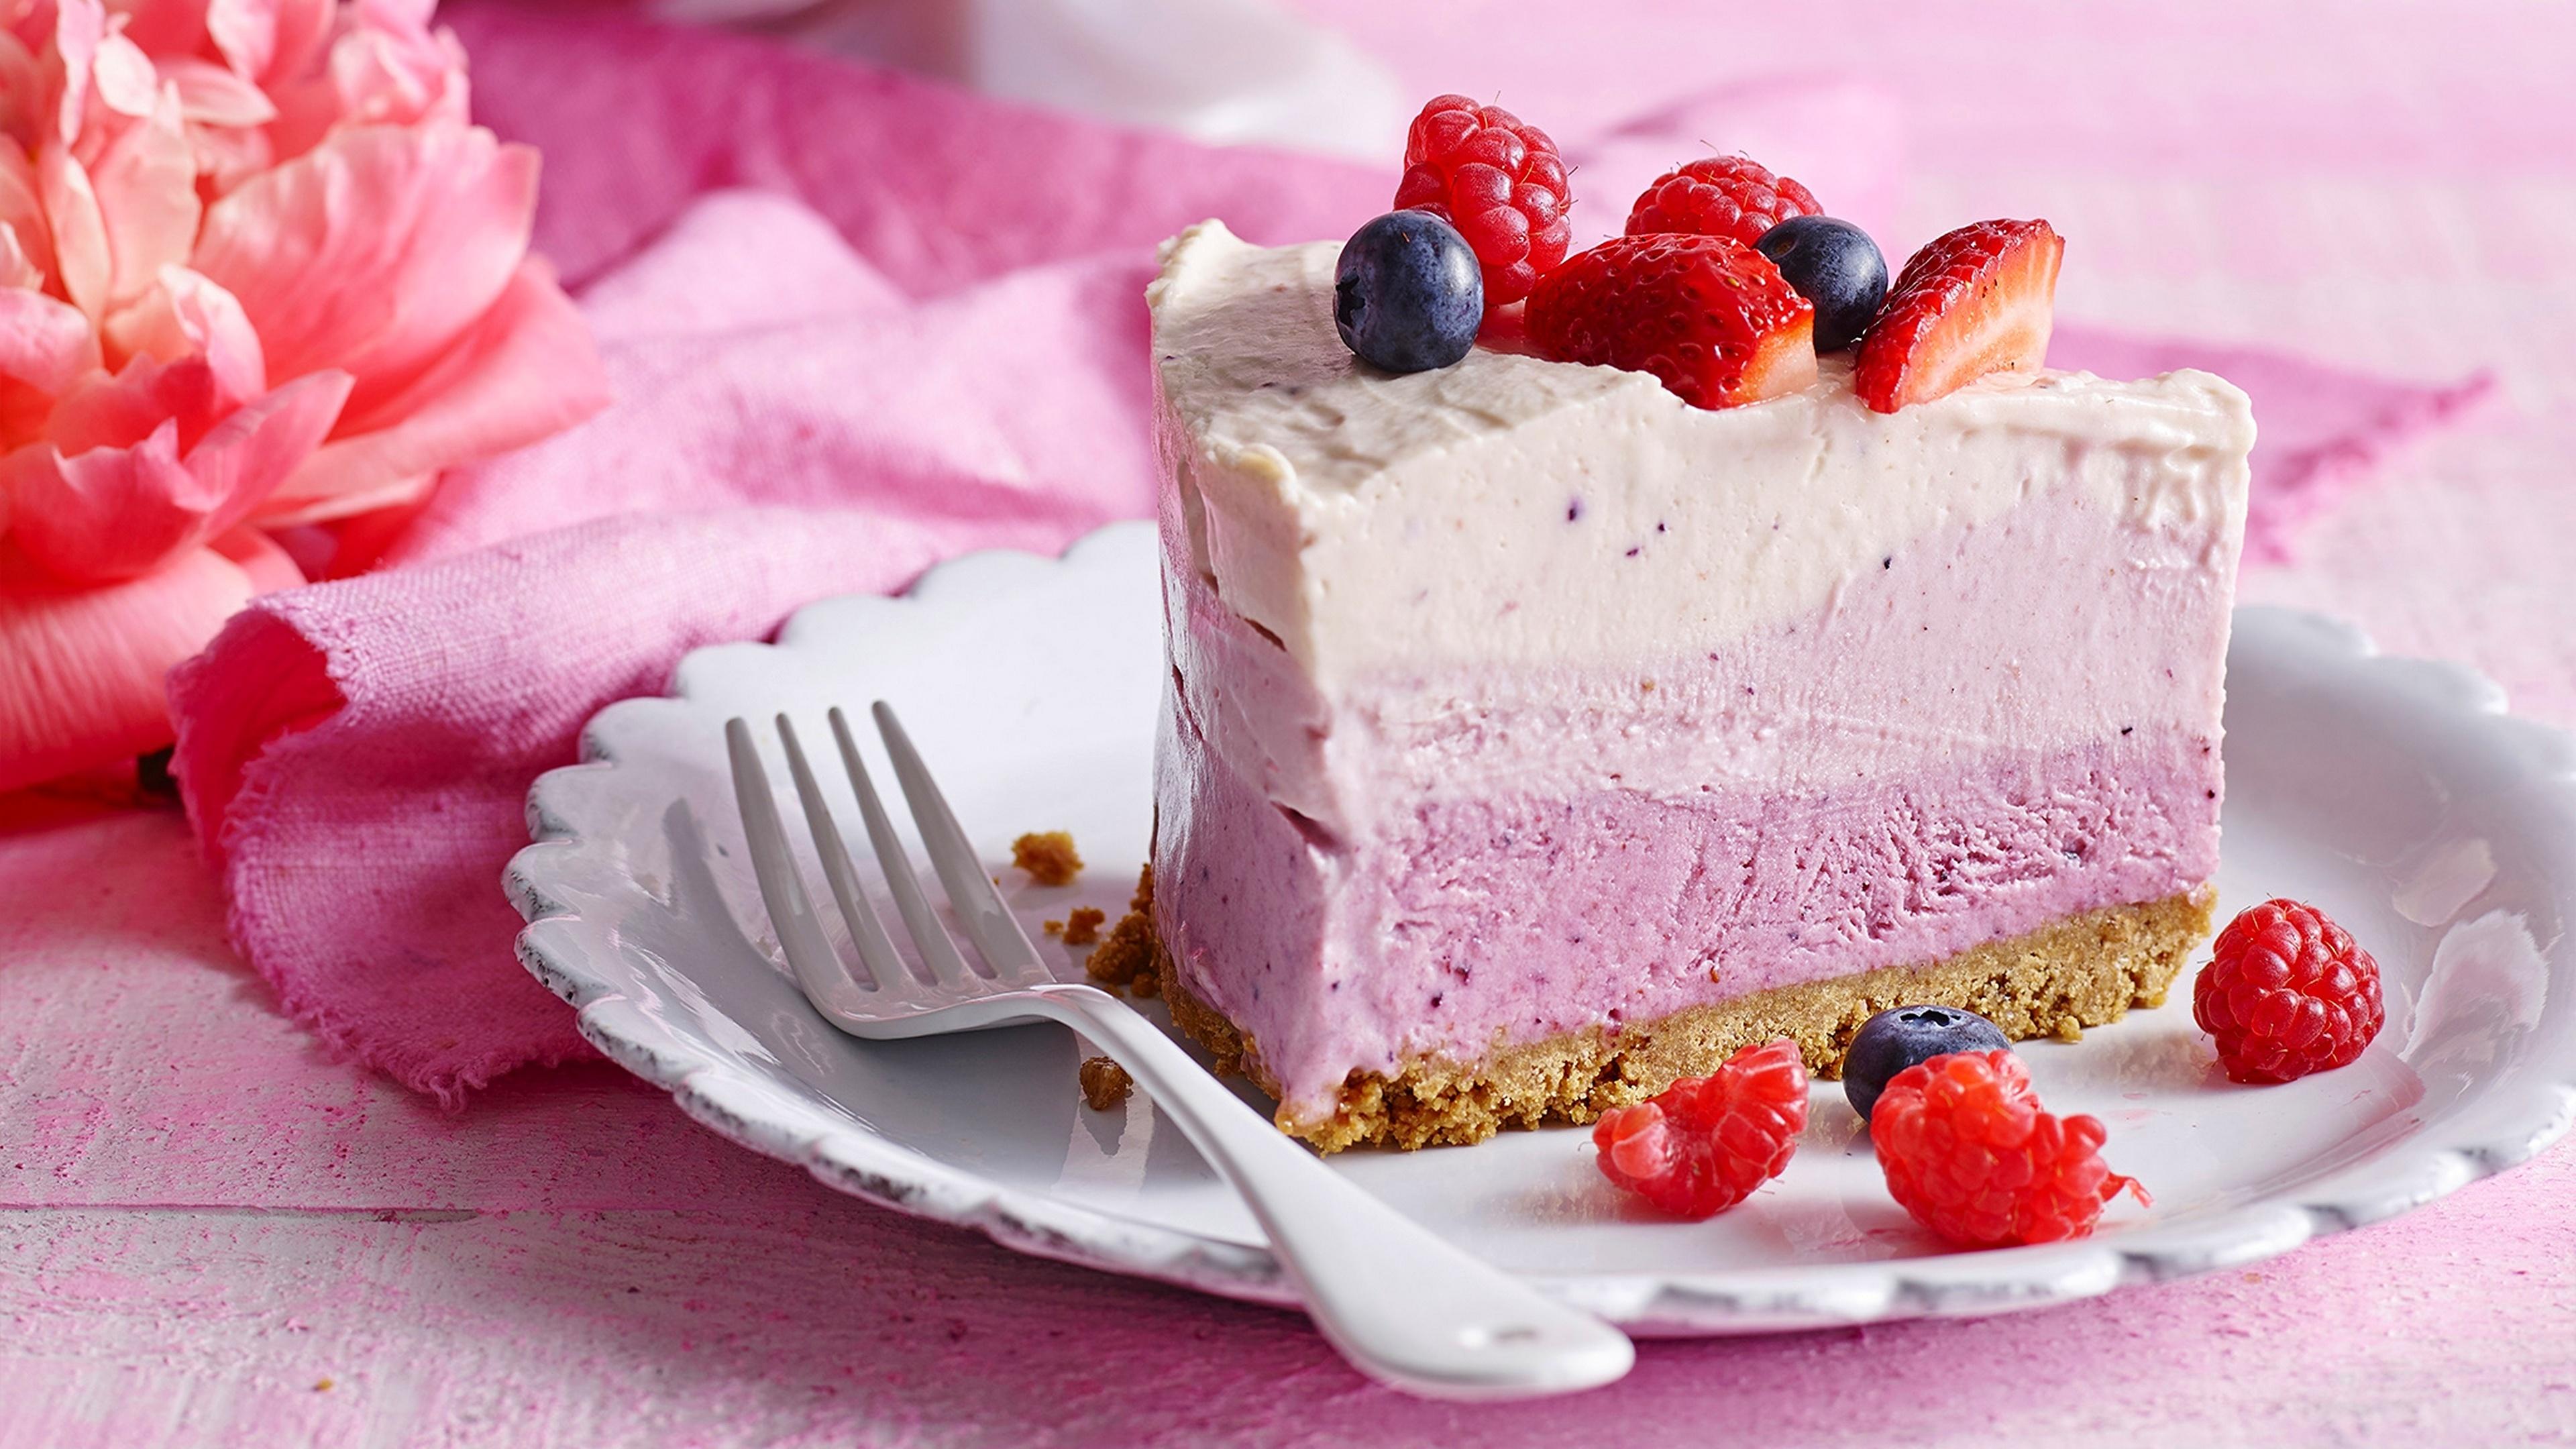 Картинки Торты Кусок Десерт Пища Вилка столовая 3840x2160 часть кусочки кусочек Еда вилки Продукты питания